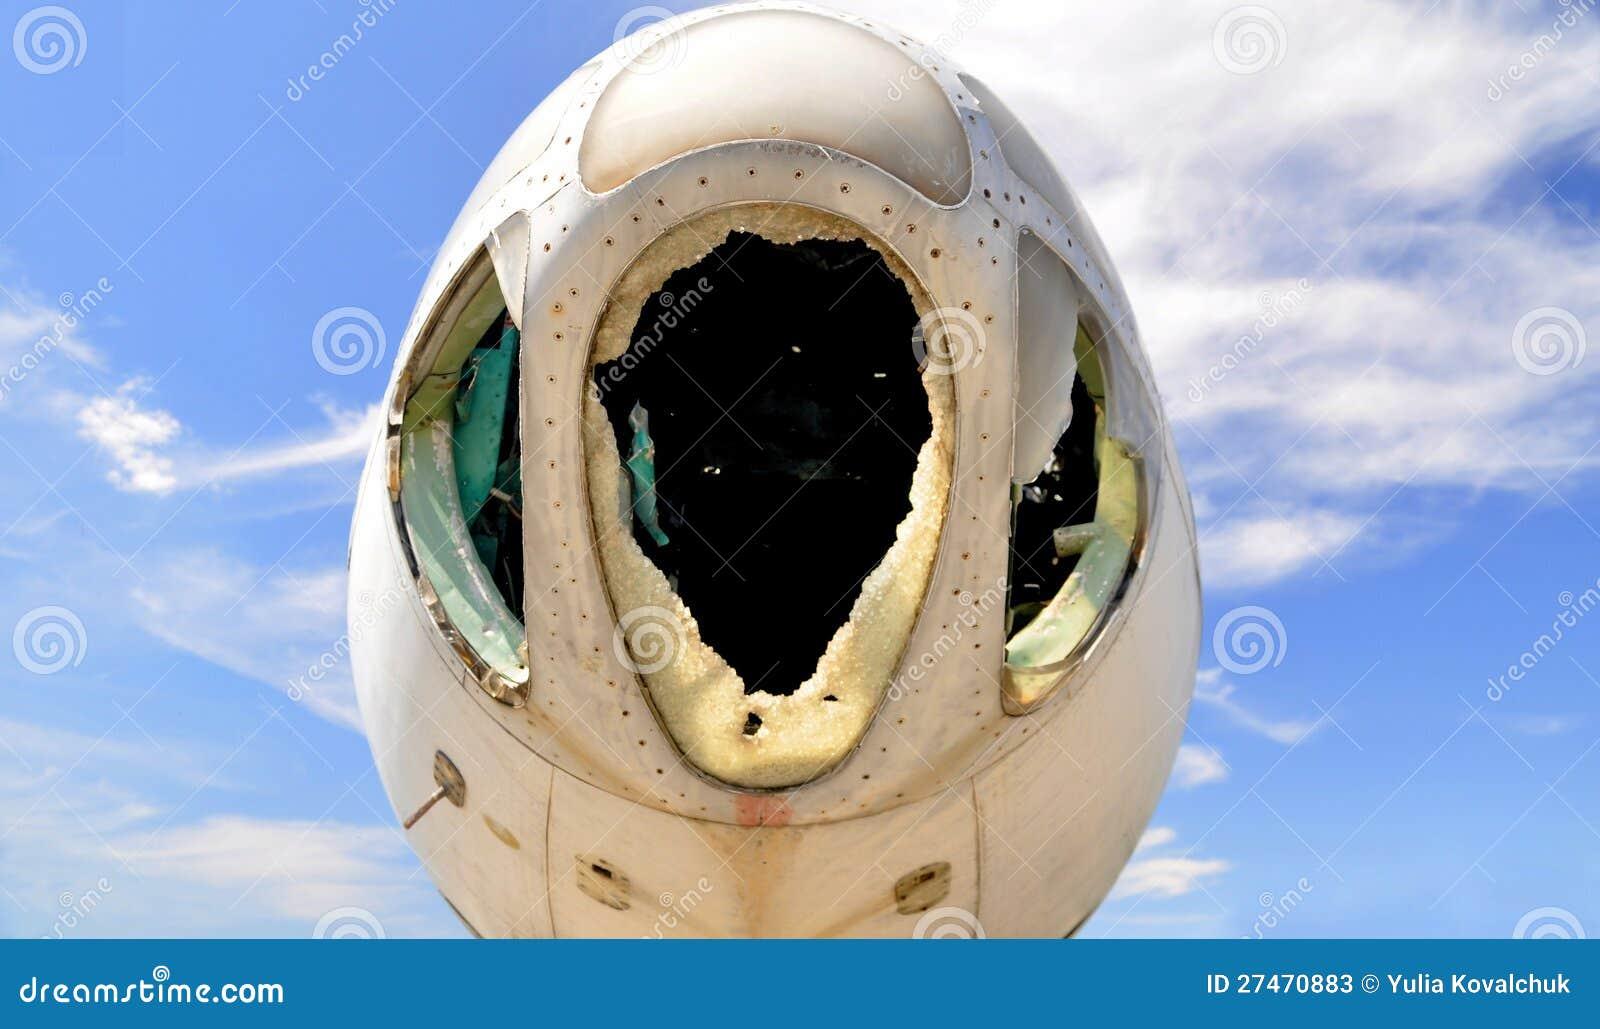 Zaniechani samoloty